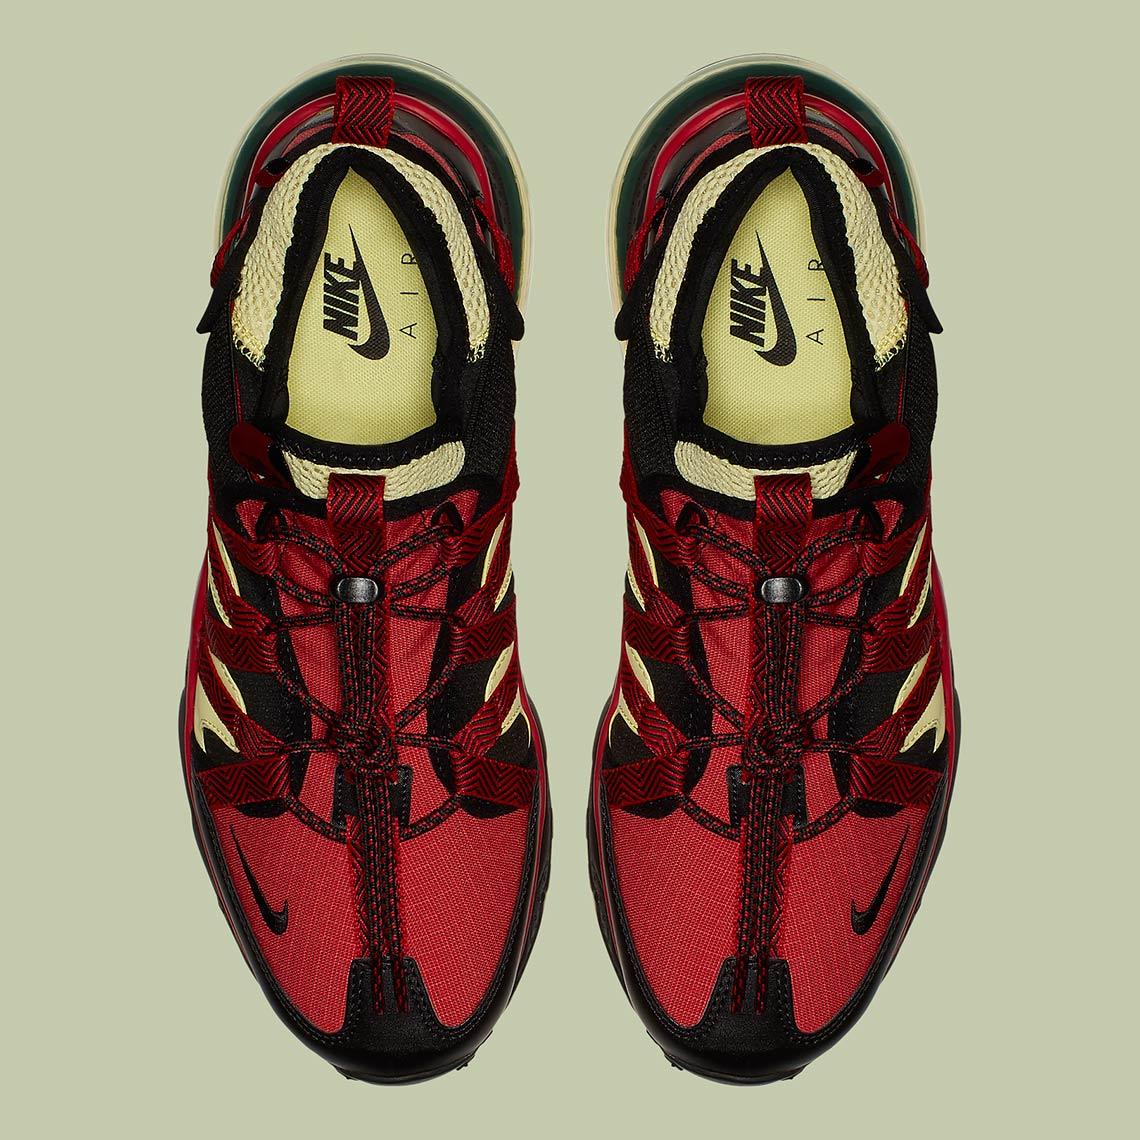 newest 8893d ec9f3 SNS9am CEST3am ET Nike10am ET